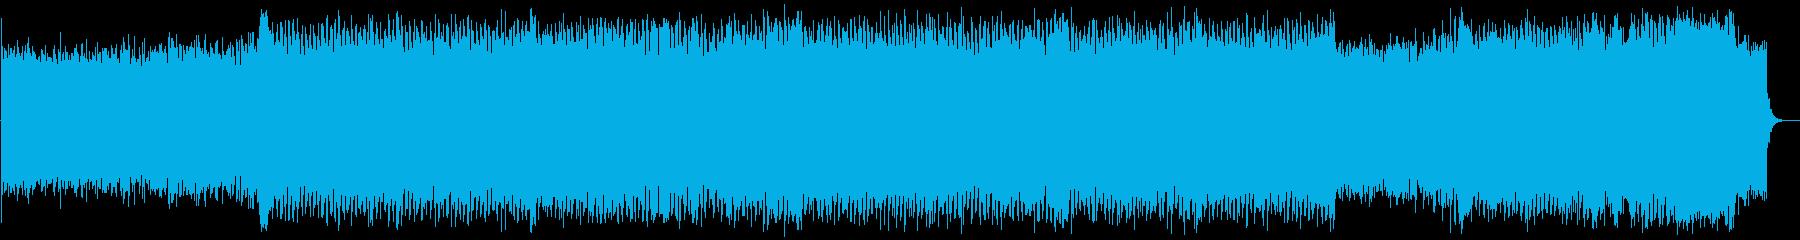 「威風堂々」のトランスバージョン!!の再生済みの波形